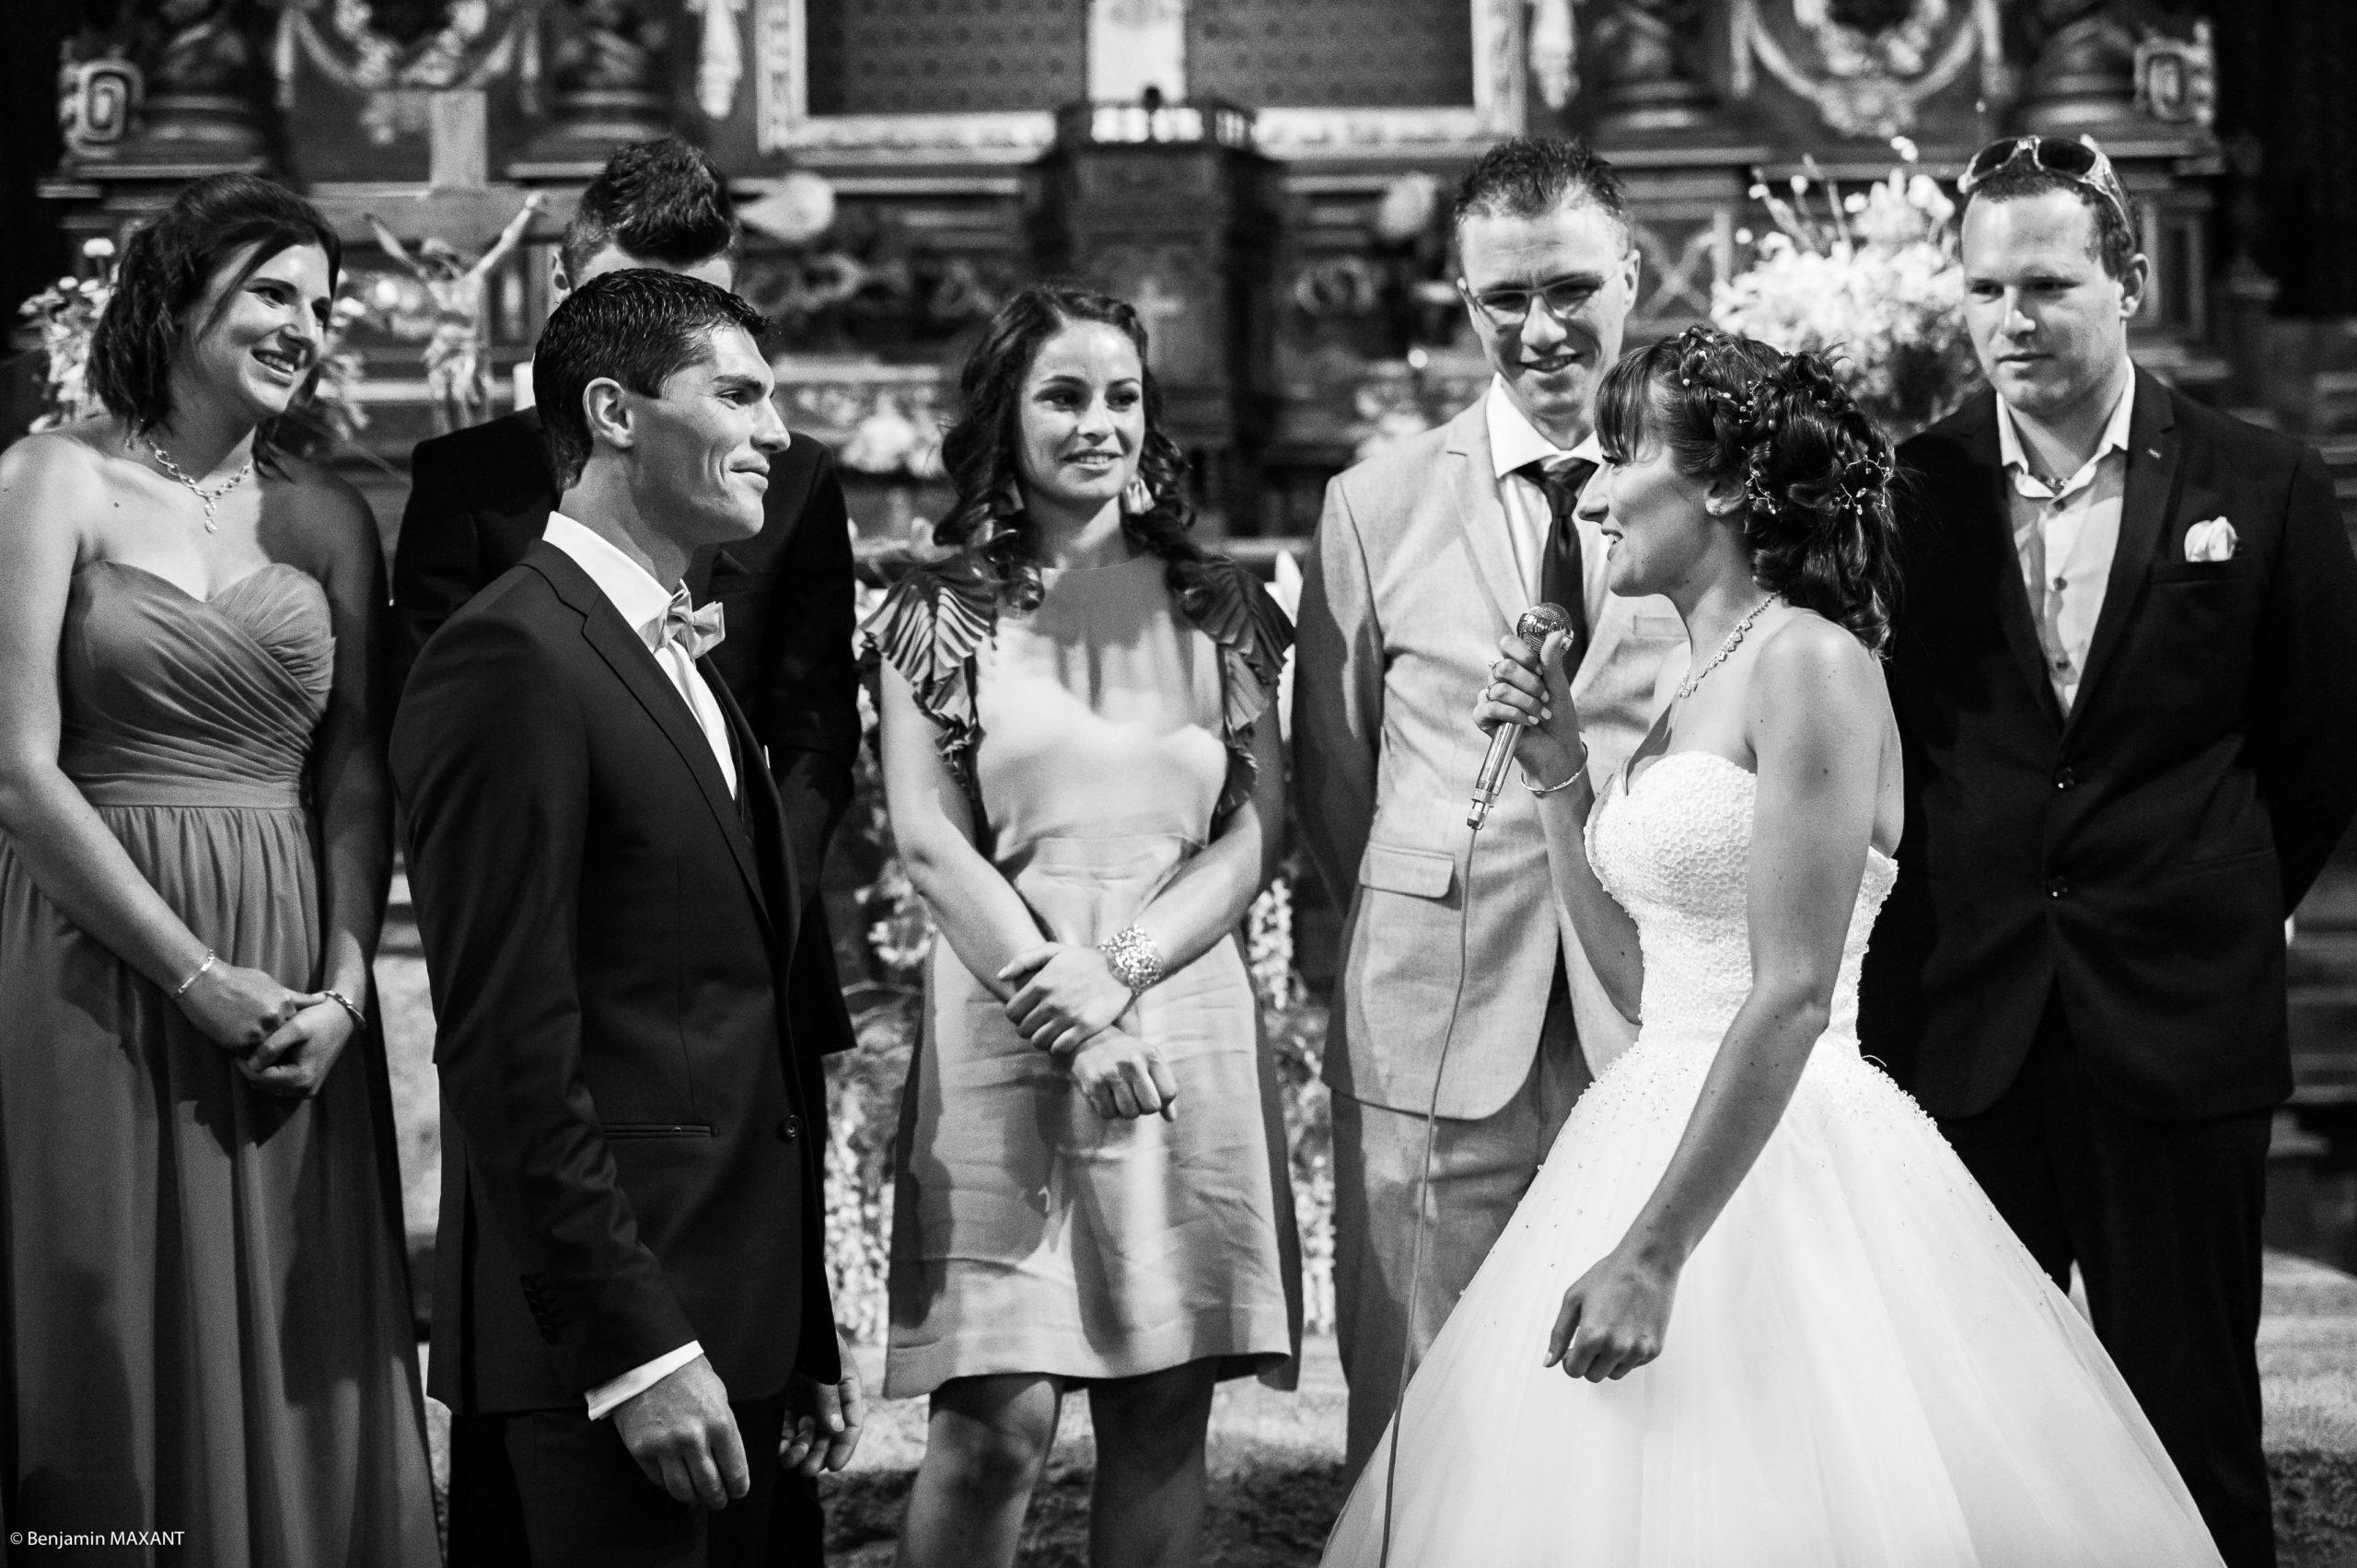 Les mariés et les témoins sont debout et attendent la remise des alliances